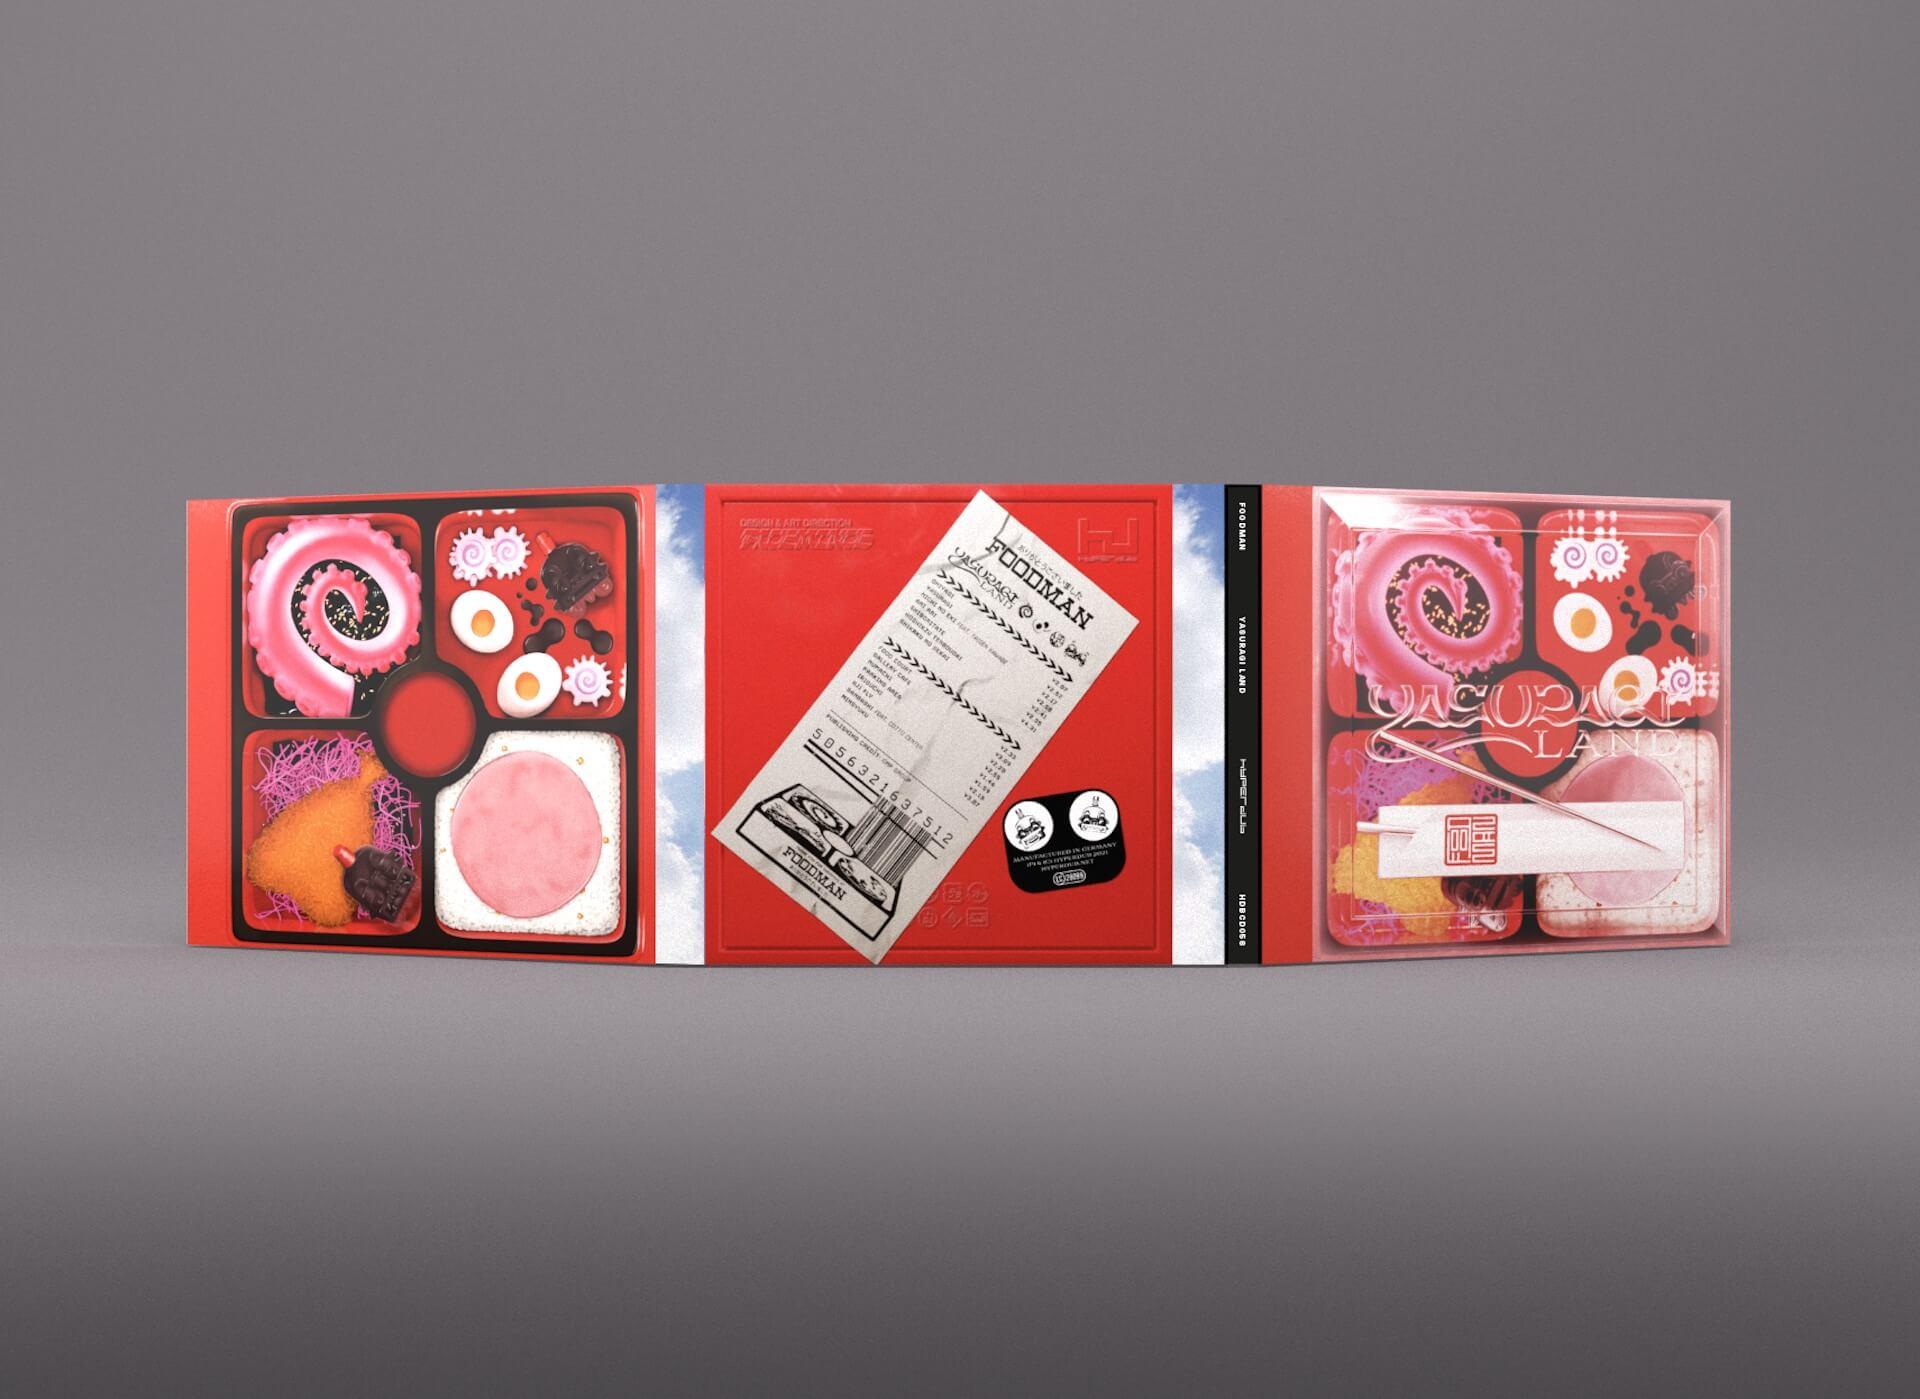 食品まつり a.k.a foodmanのニューアルバム『Yasuragi Land』が名門〈Hyperdub〉からリリース決定! music210414_foodman_hyperdub_2